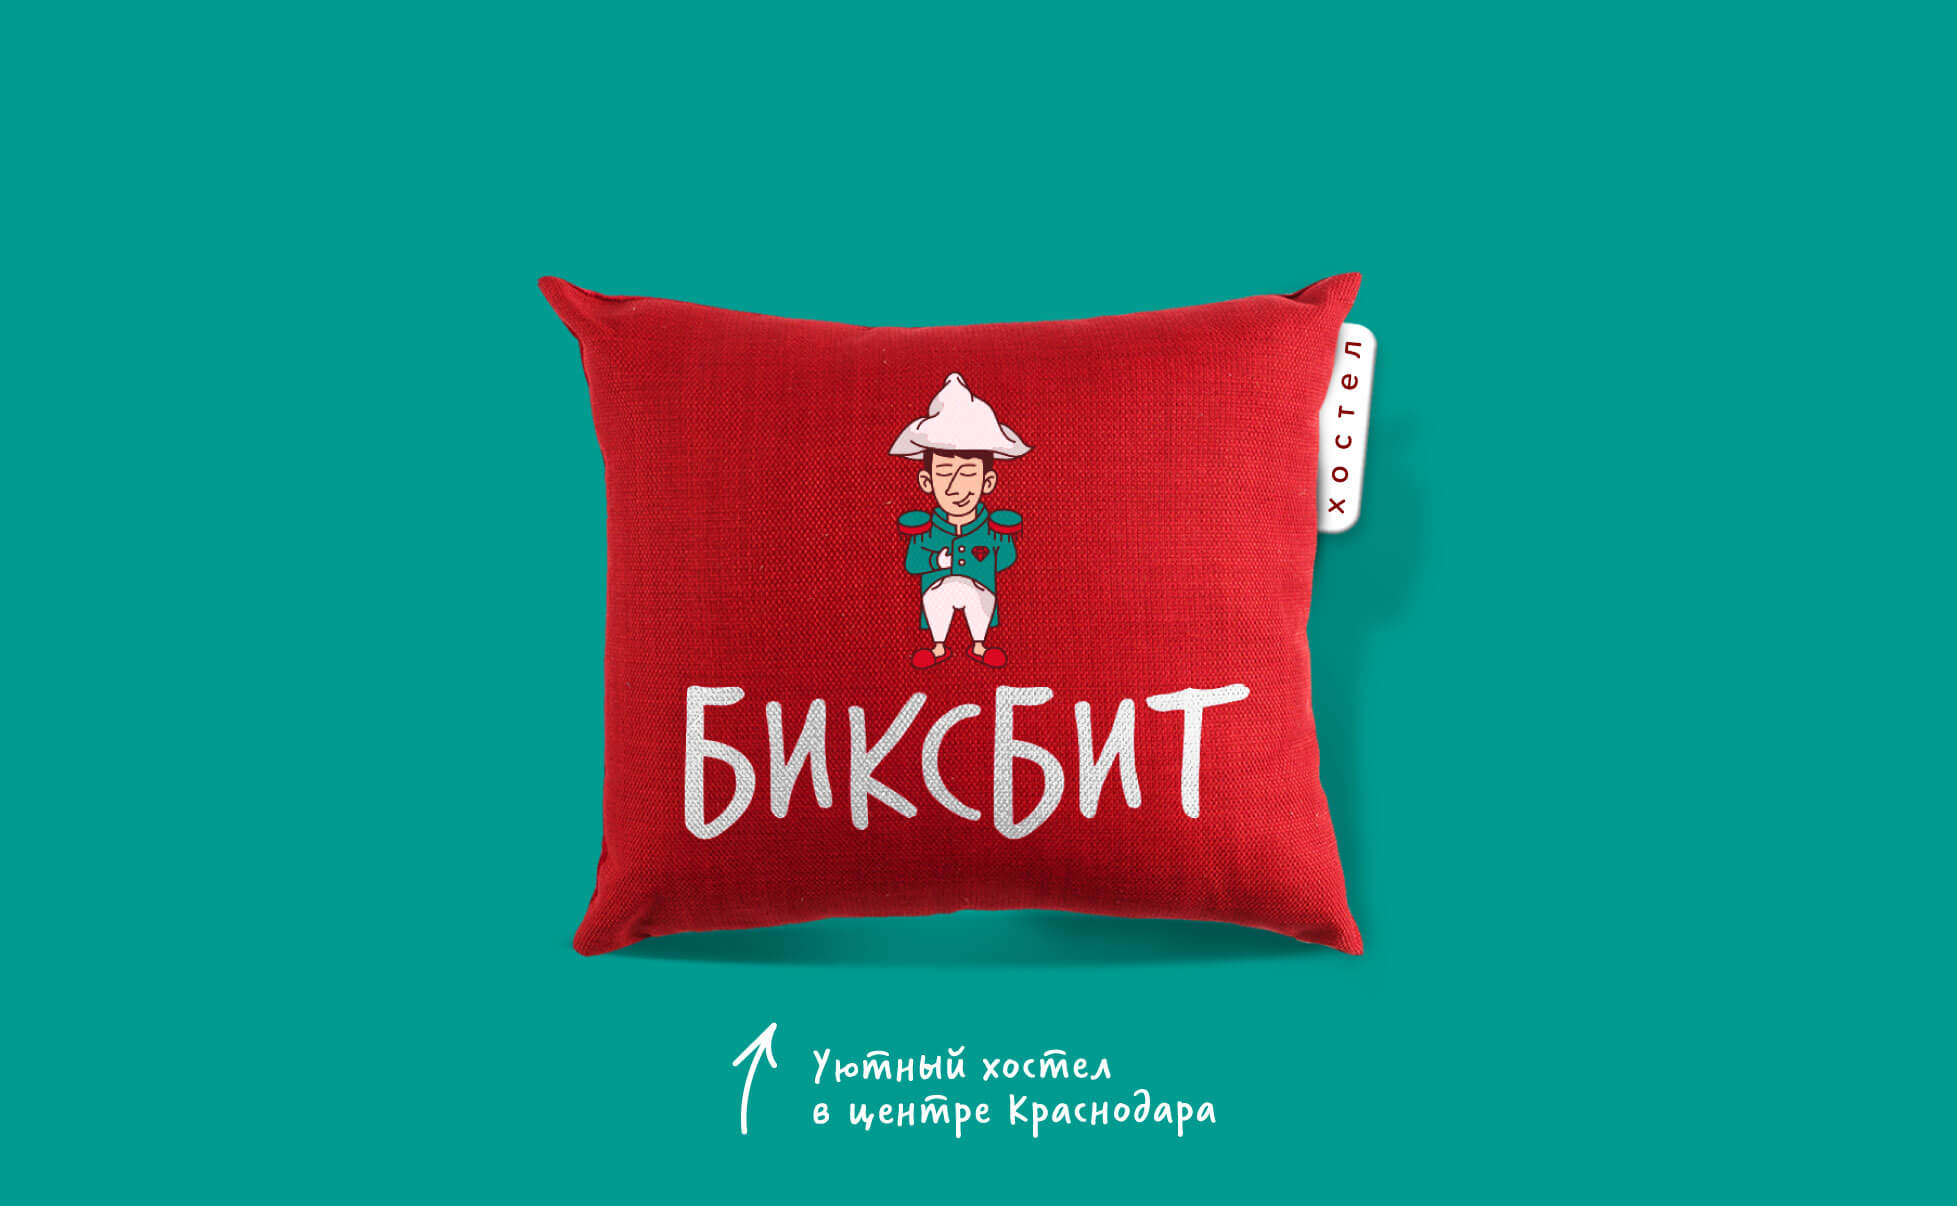 Логотип хостела Биксбит на подушке